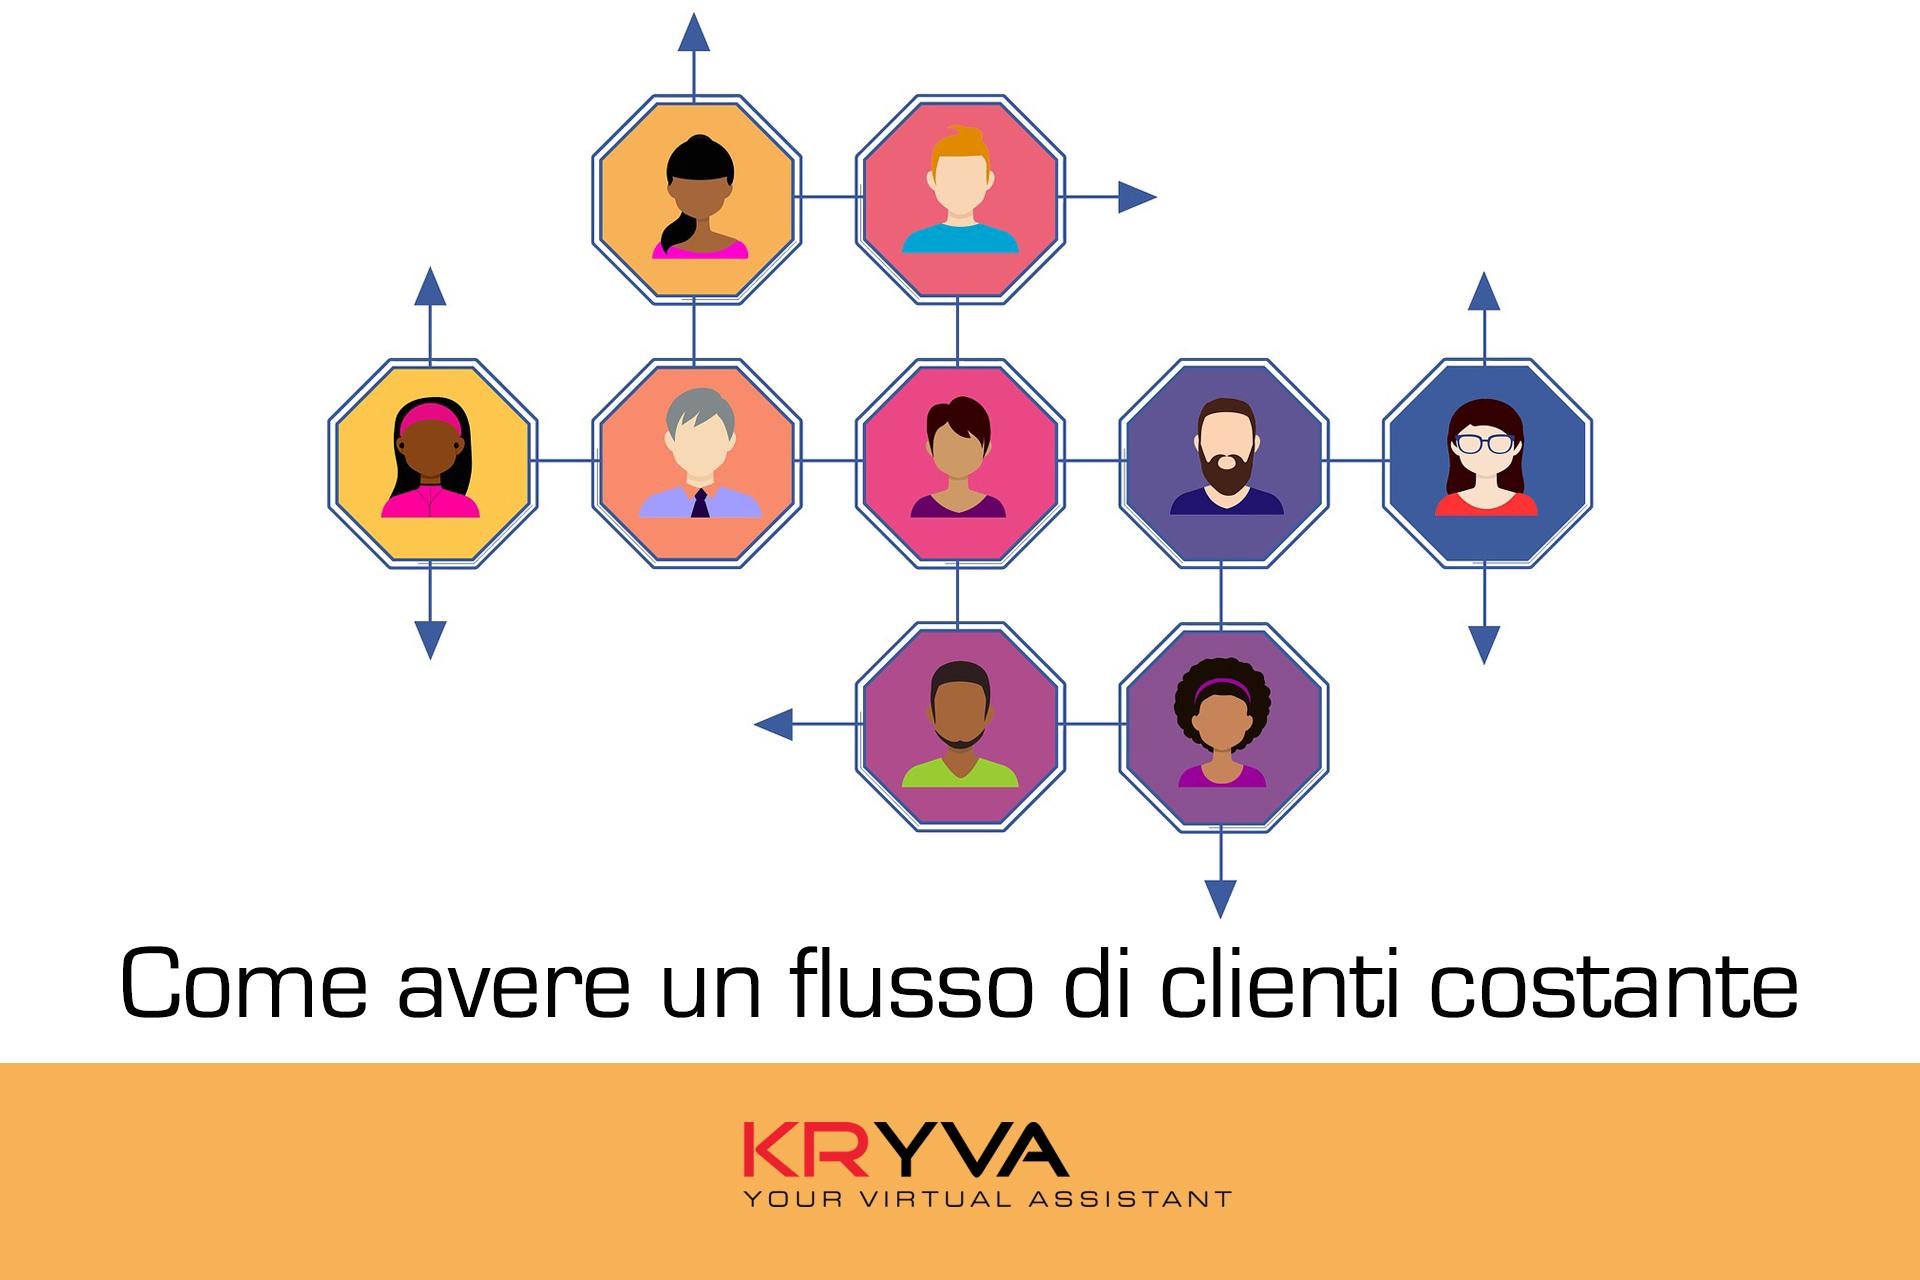 Come avere un flusso di clienti costante?